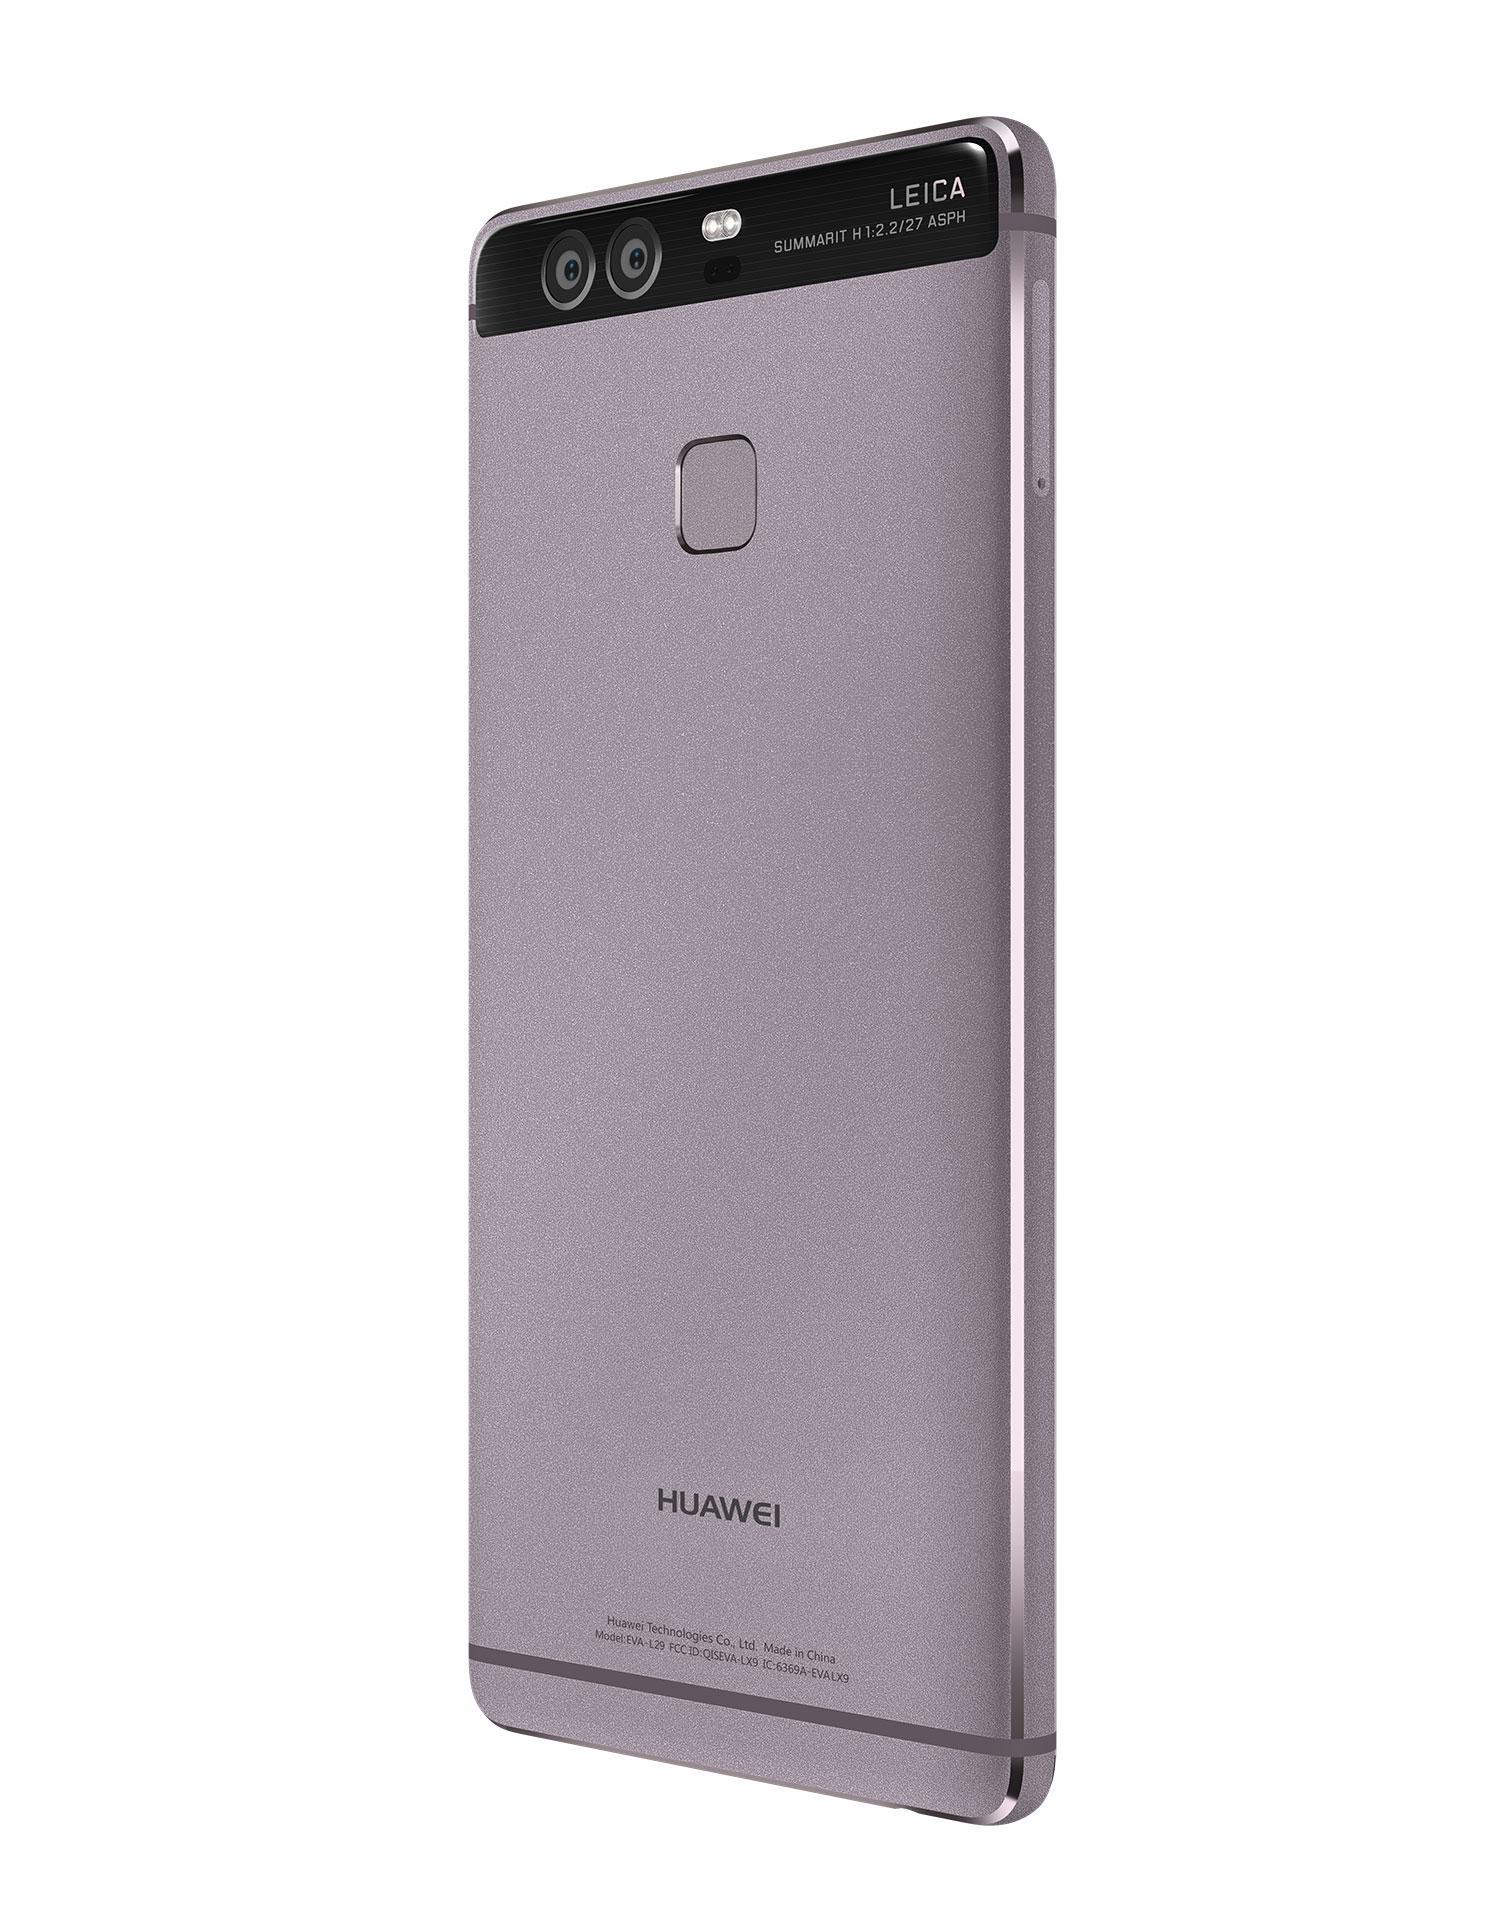 Huawei P9 gris detalle de la cámara y del lector de huellas